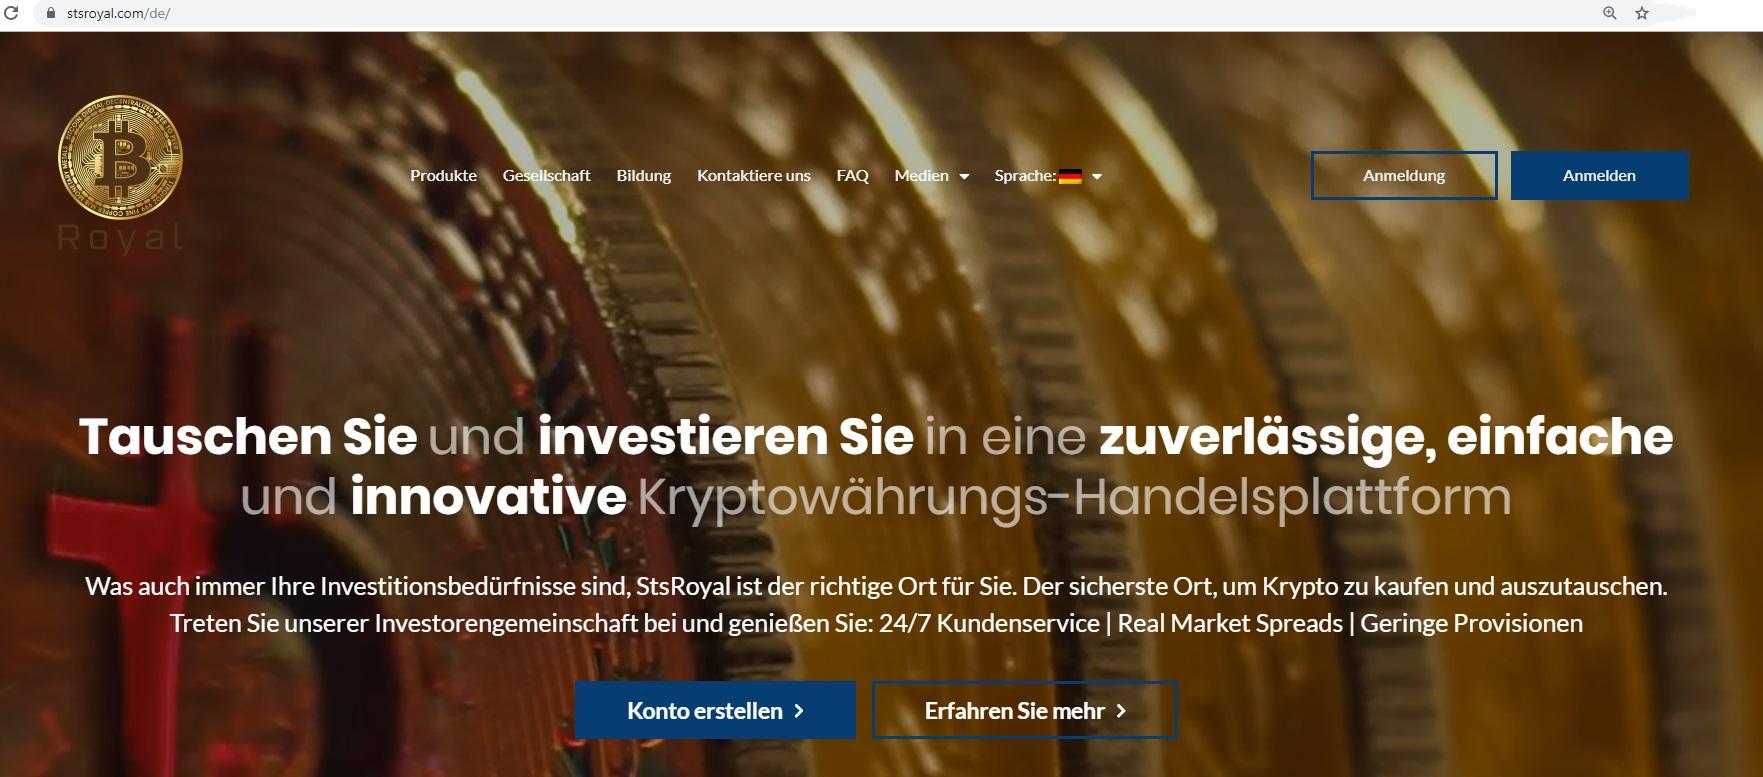 Gute Gründe, StsRoyal für den Crypto-Handel zu nutzen